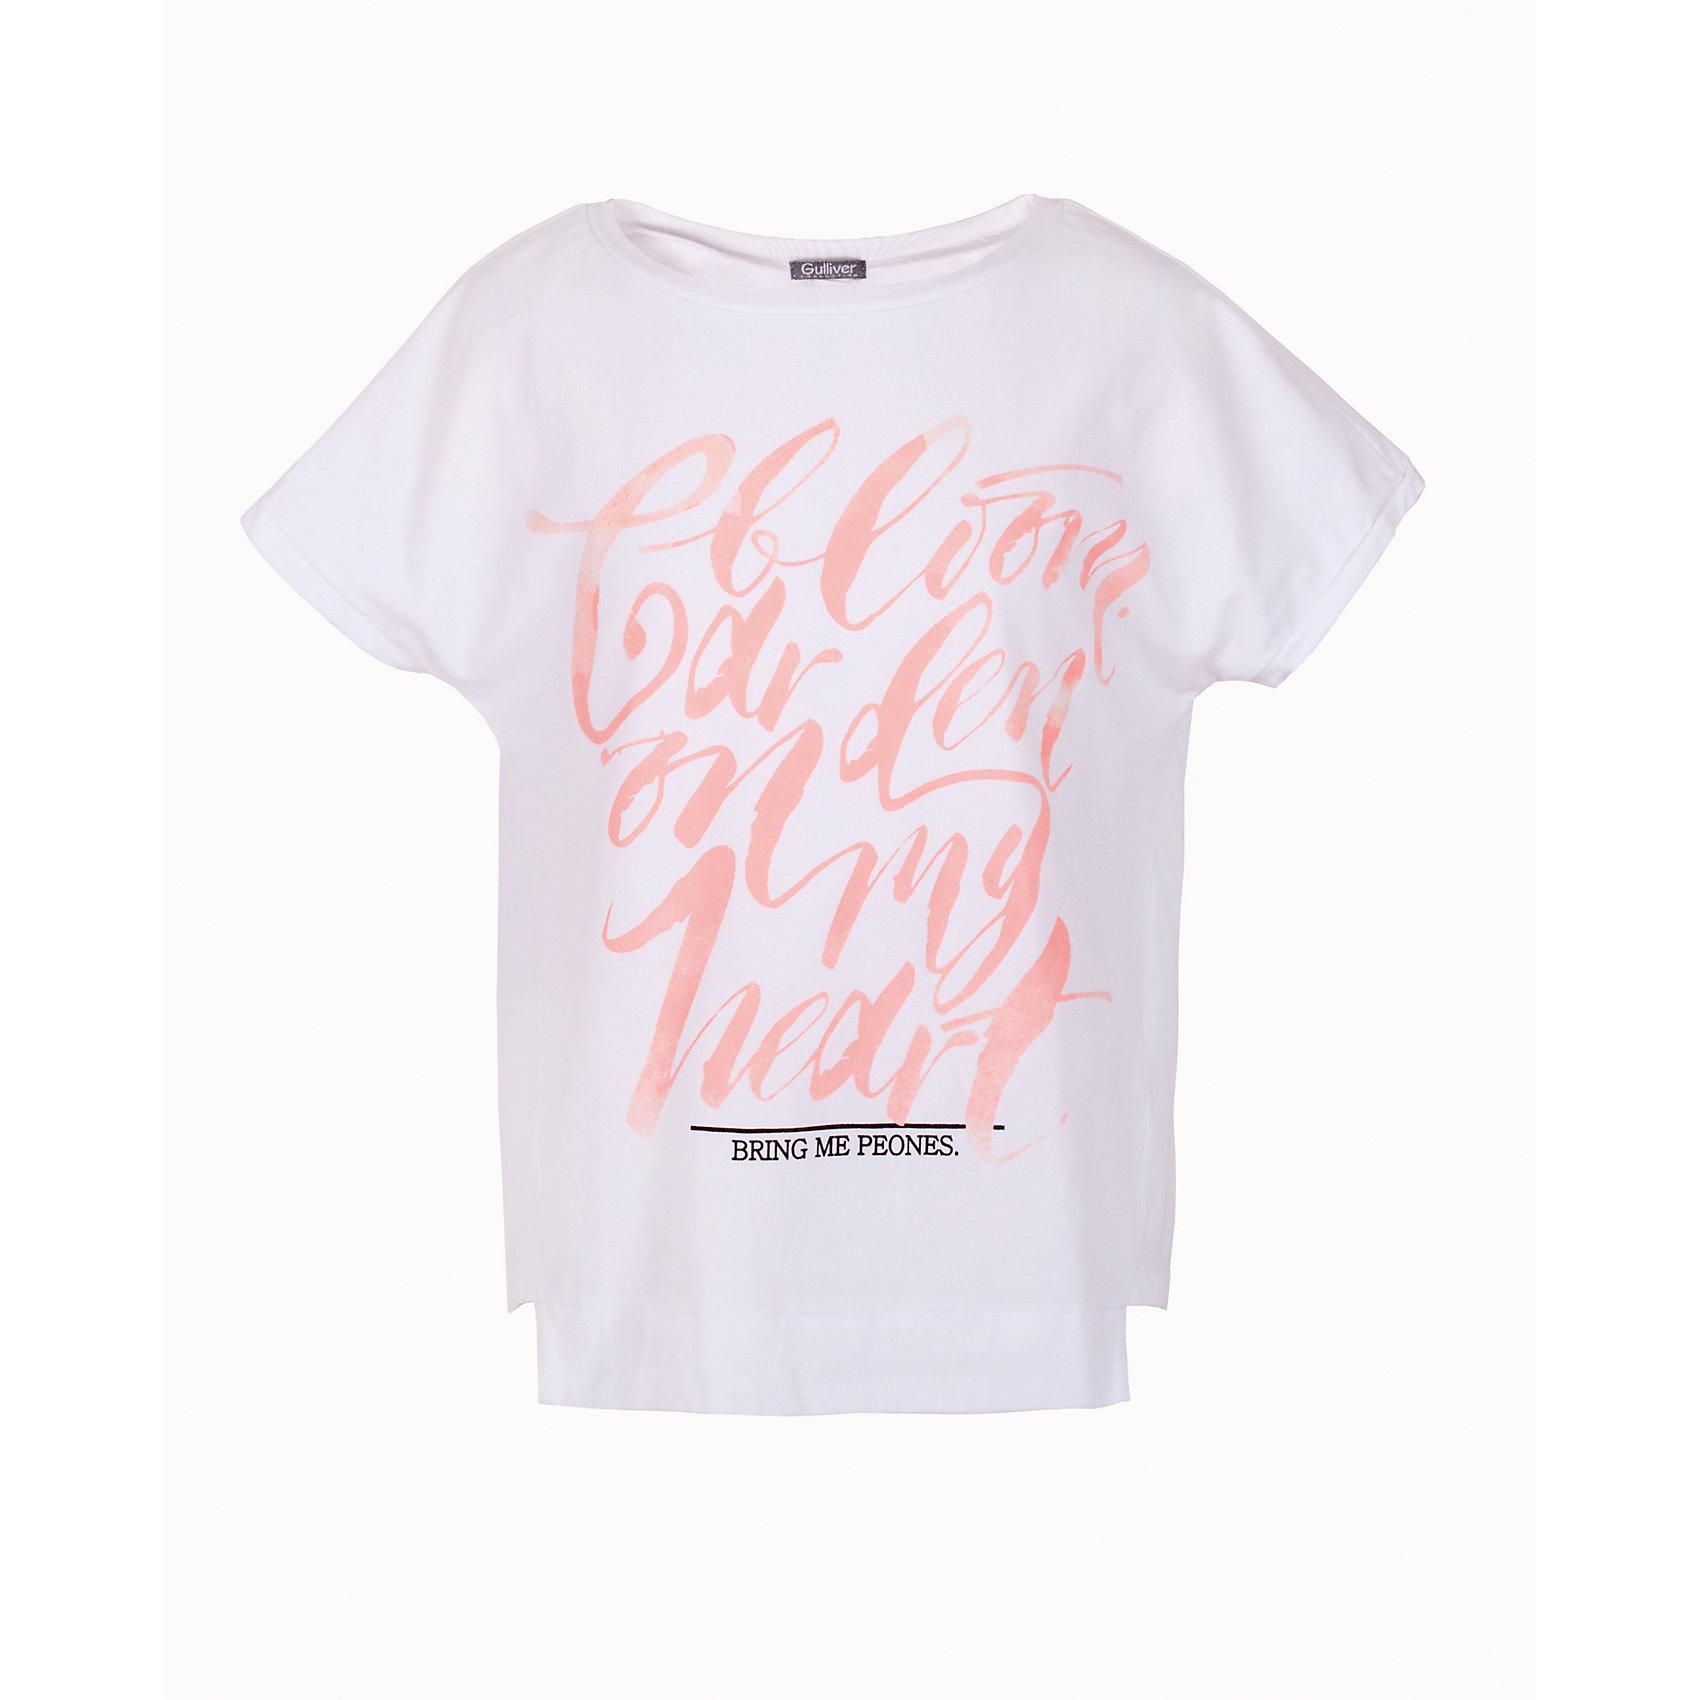 Футболка для девочки GulliverФутболки, поло и топы<br>Стильная белая футболка для девочки - важная составляющая летнего гардероба! И к ее выбору стоит отнестись внимательно. Если вы идете в ногу со временем и любой базовой модели предпочтете что-то новое и интересное, вам стоит купить футболку из коллекции Цветные истории! Спущенное плечо, объемная свободная форма, крупный шрифтовой принт делают изделие ярким, динамичным, выразительным. Великолепное качество трикотажа, удобная посадка на фигуре обеспечивают прекрасный внешний вид, комфорт и свободу движений.<br>Состав:<br>95% хлопок      5% эластан<br><br>Ширина мм: 199<br>Глубина мм: 10<br>Высота мм: 161<br>Вес г: 151<br>Цвет: белый<br>Возраст от месяцев: 108<br>Возраст до месяцев: 120<br>Пол: Женский<br>Возраст: Детский<br>Размер: 140,122,128,134<br>SKU: 5484098